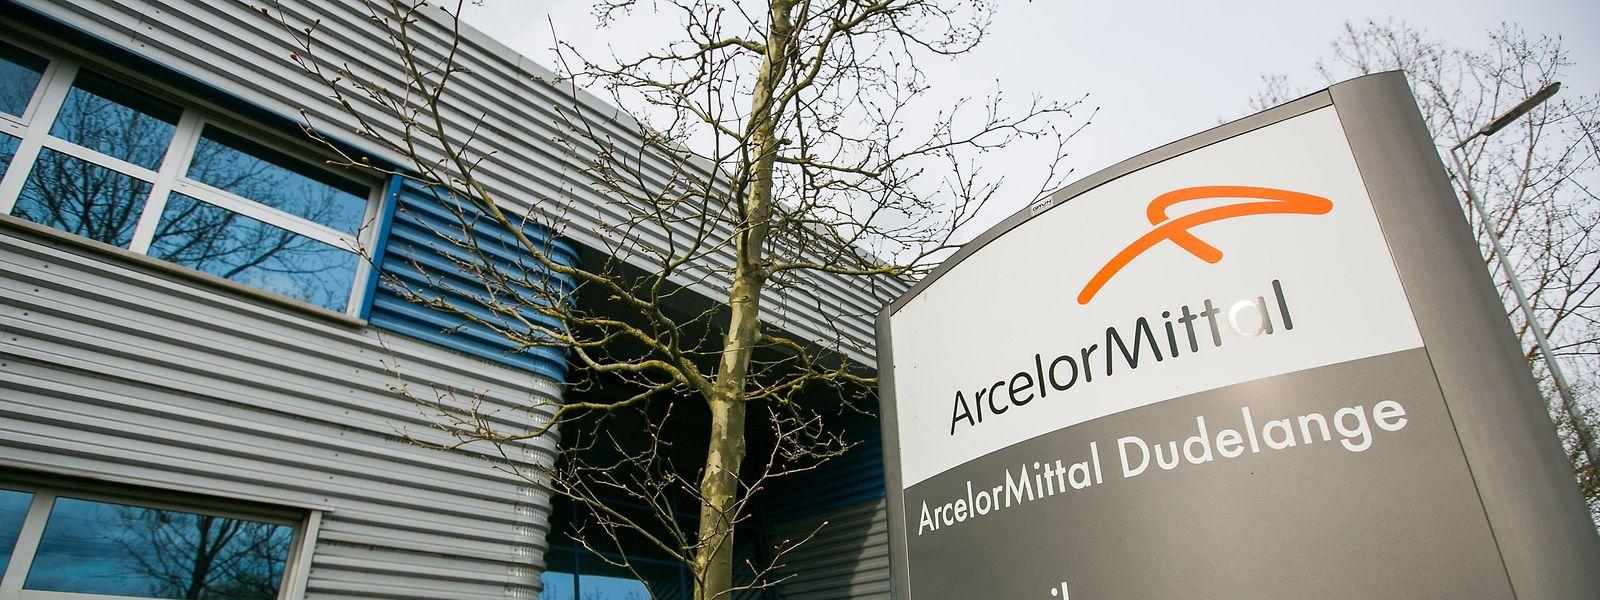 ArcelorMittal ist bereit, sich im Zuge des Fusionskontrollverfahrens von seinem Werk in Düdelingen zu trennen.